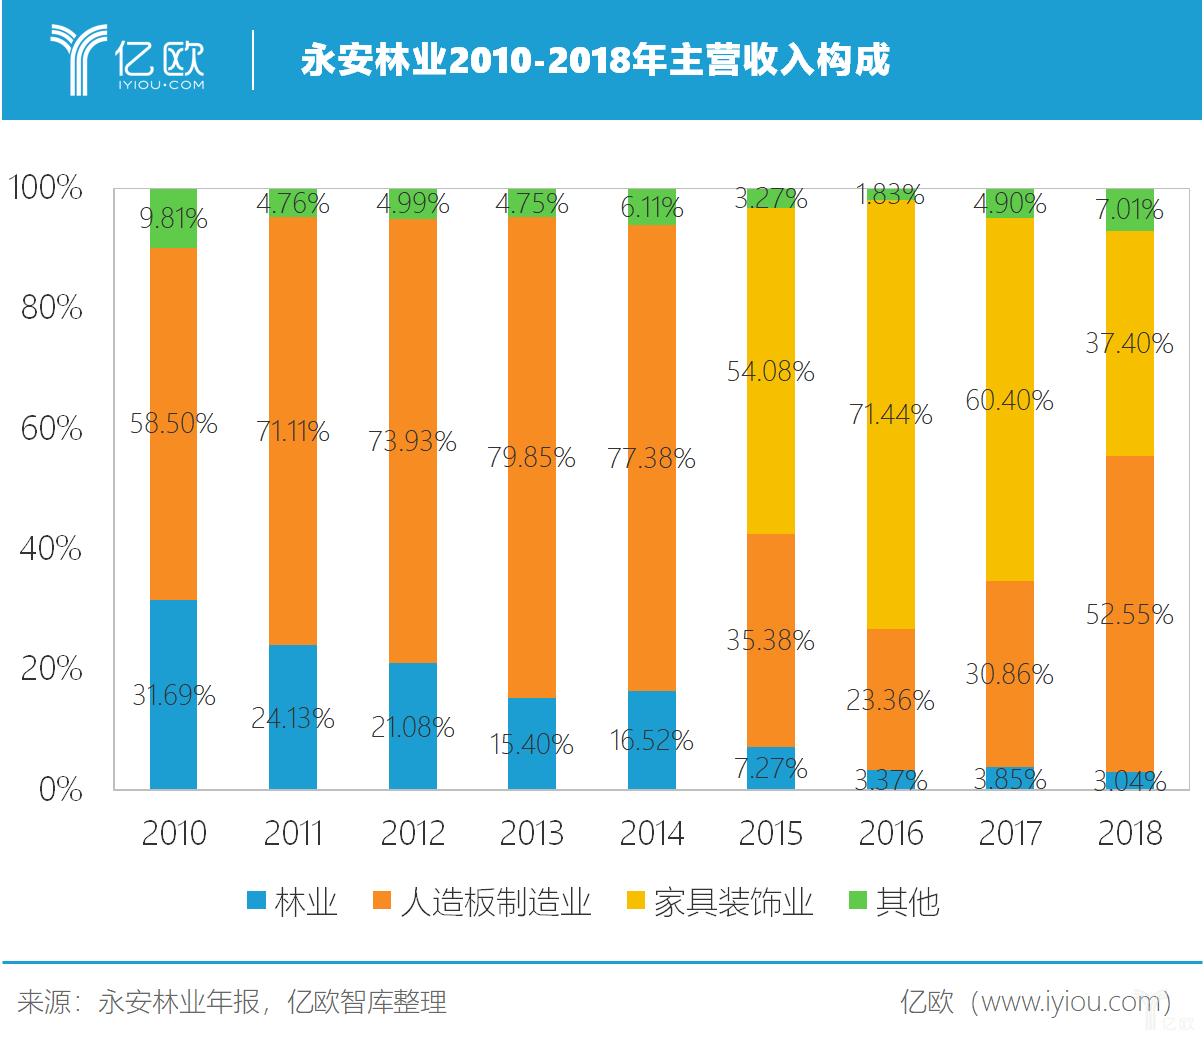 永安林业2010-2018年主营收入构成